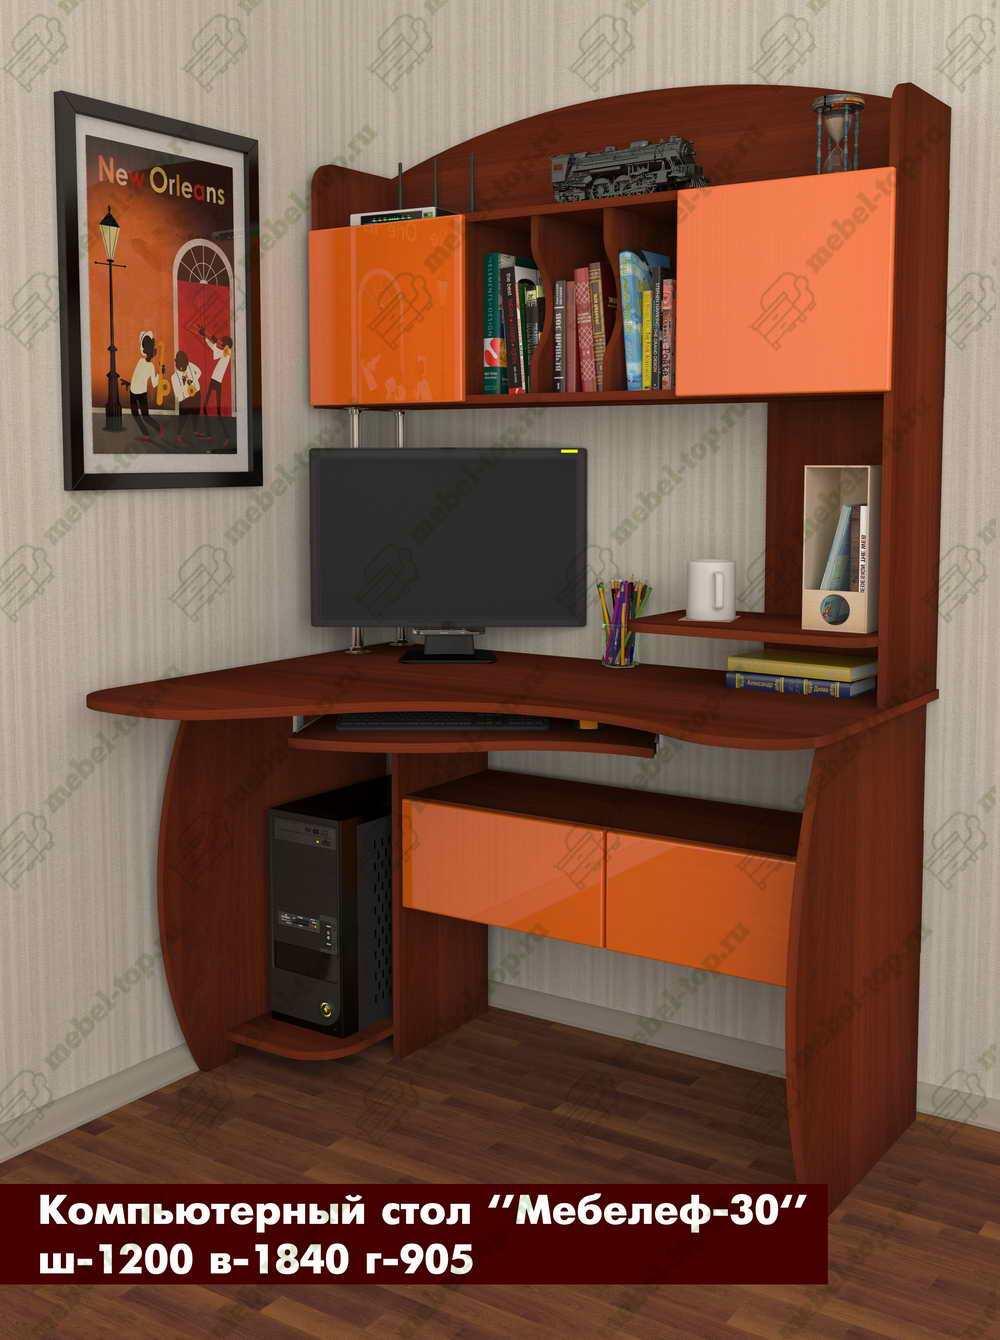 Компьютерный стол Мебелеф-30